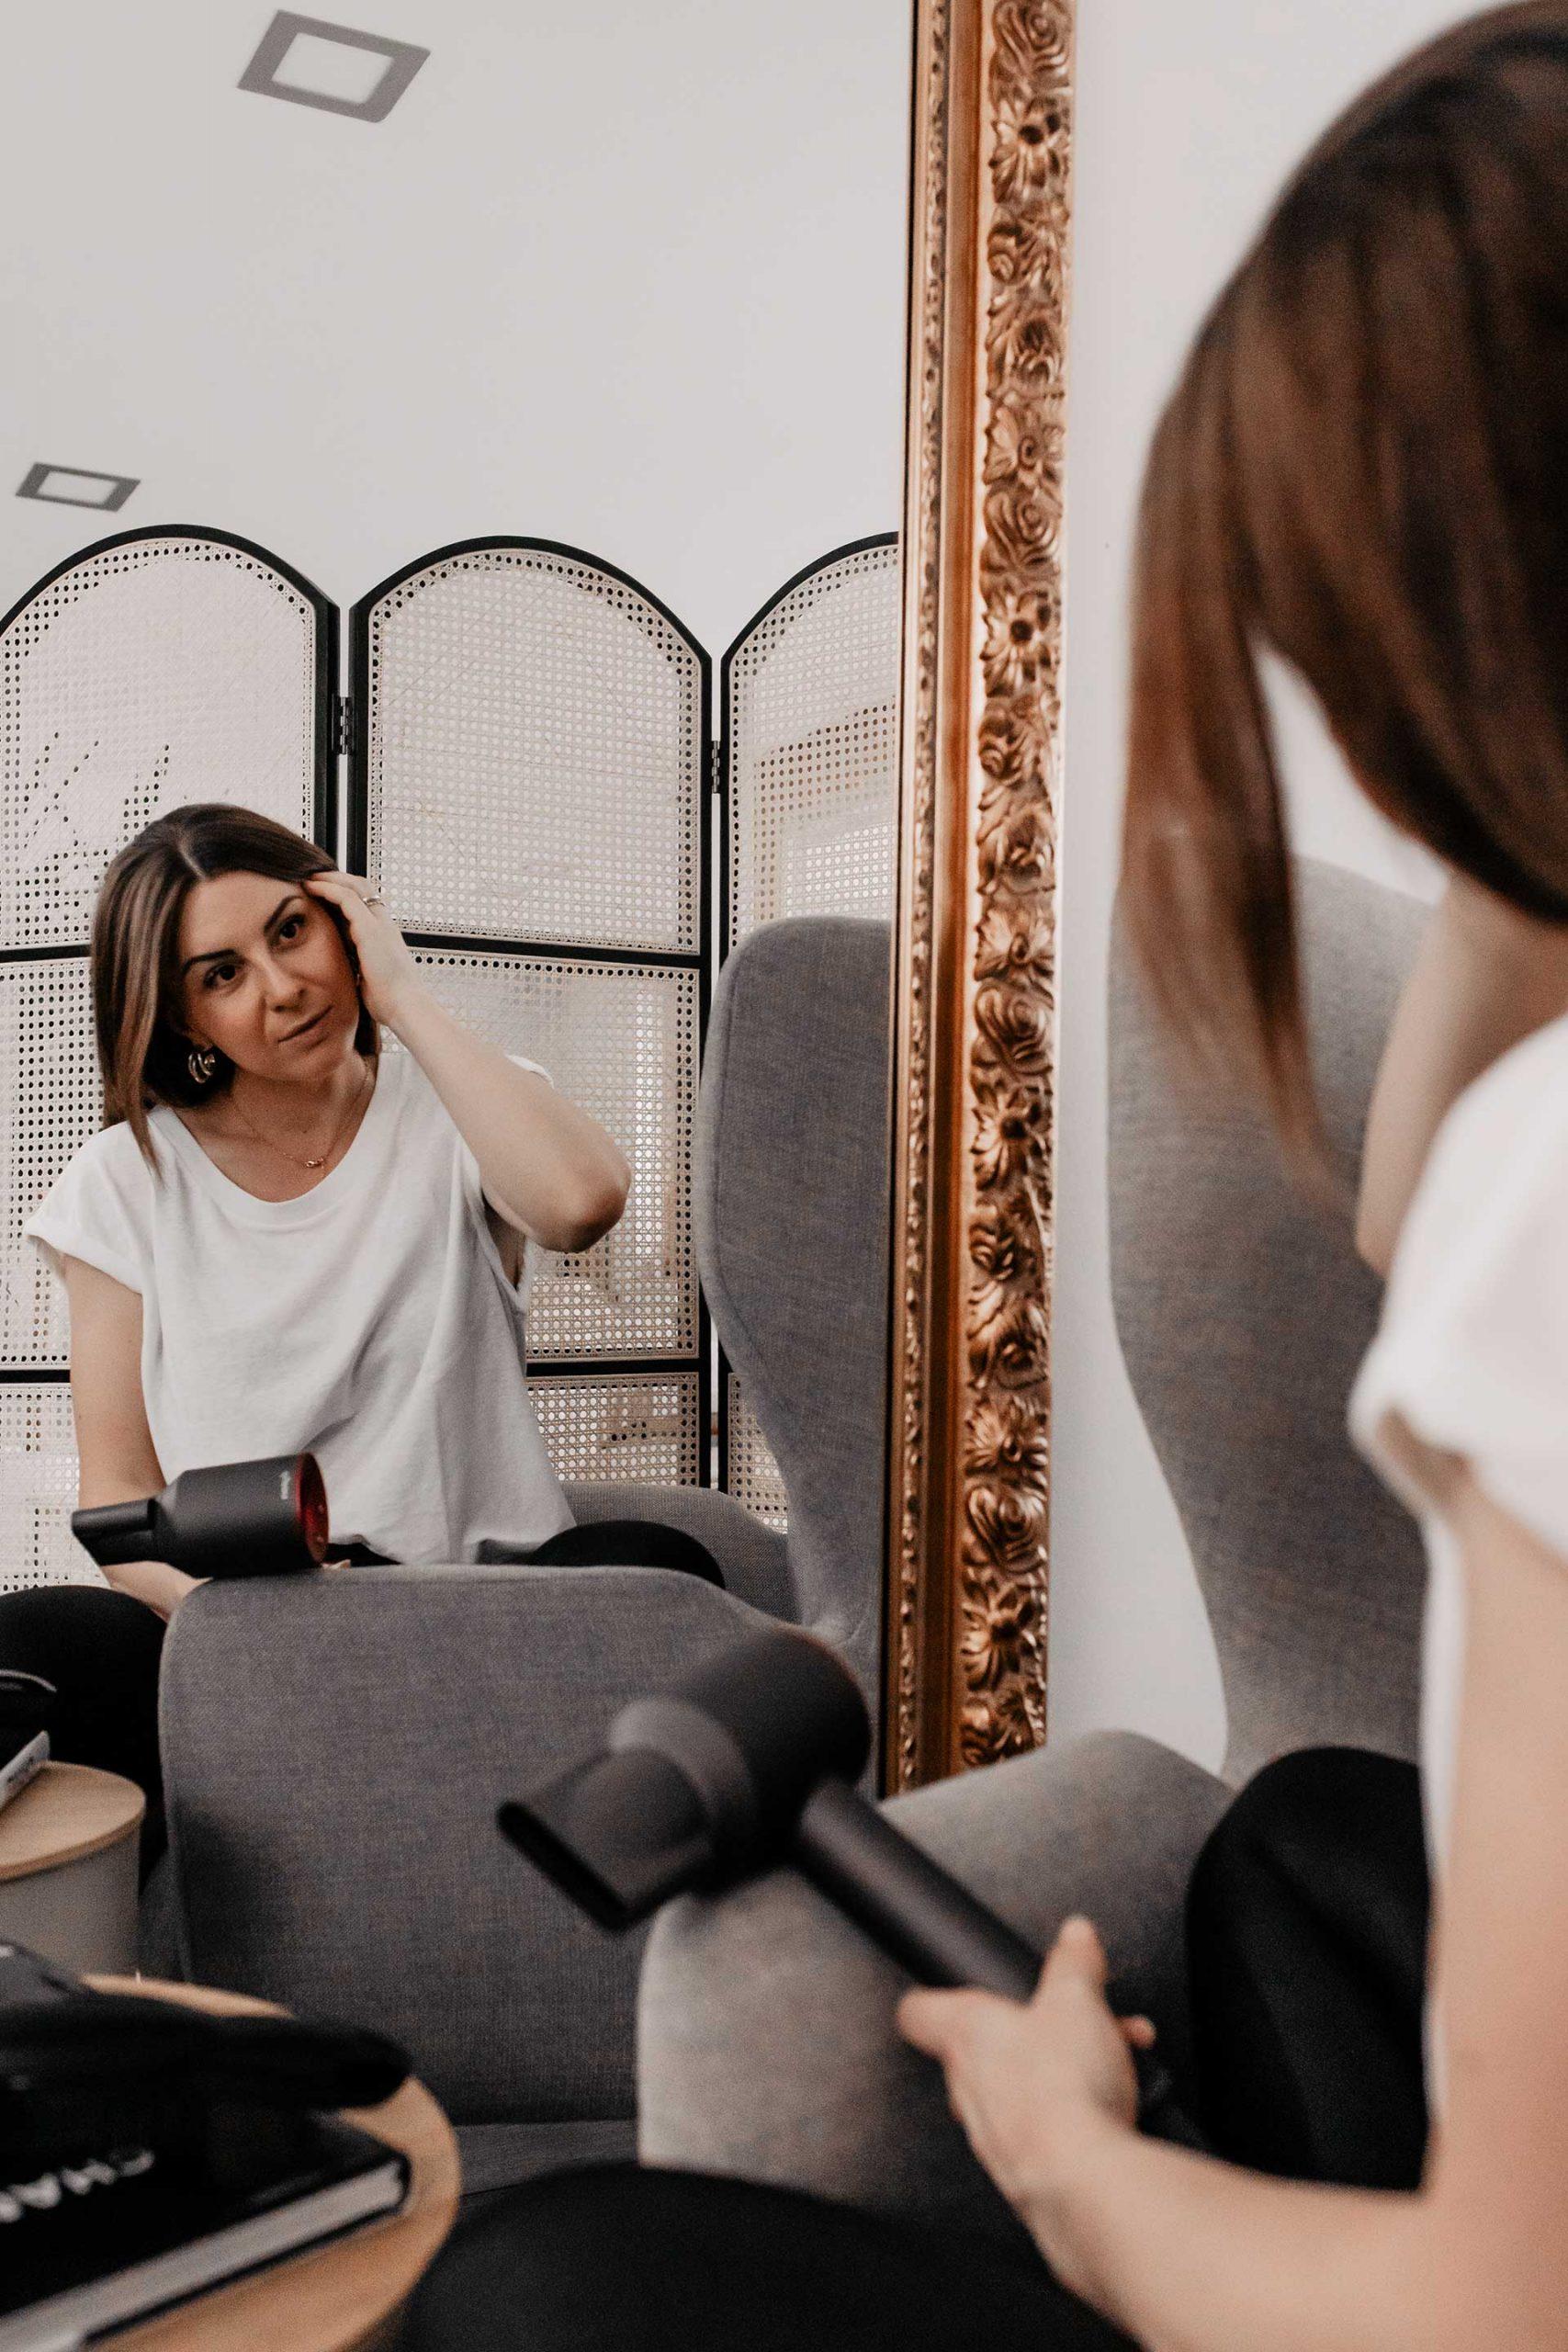 Anzeige. Am Beautyblog findest du heute 7 einfache Tipps für schöne, glänzende Haare. So kannst du deine Haare speziell im Winter richtig schön pflegen! www.whoismocca.com